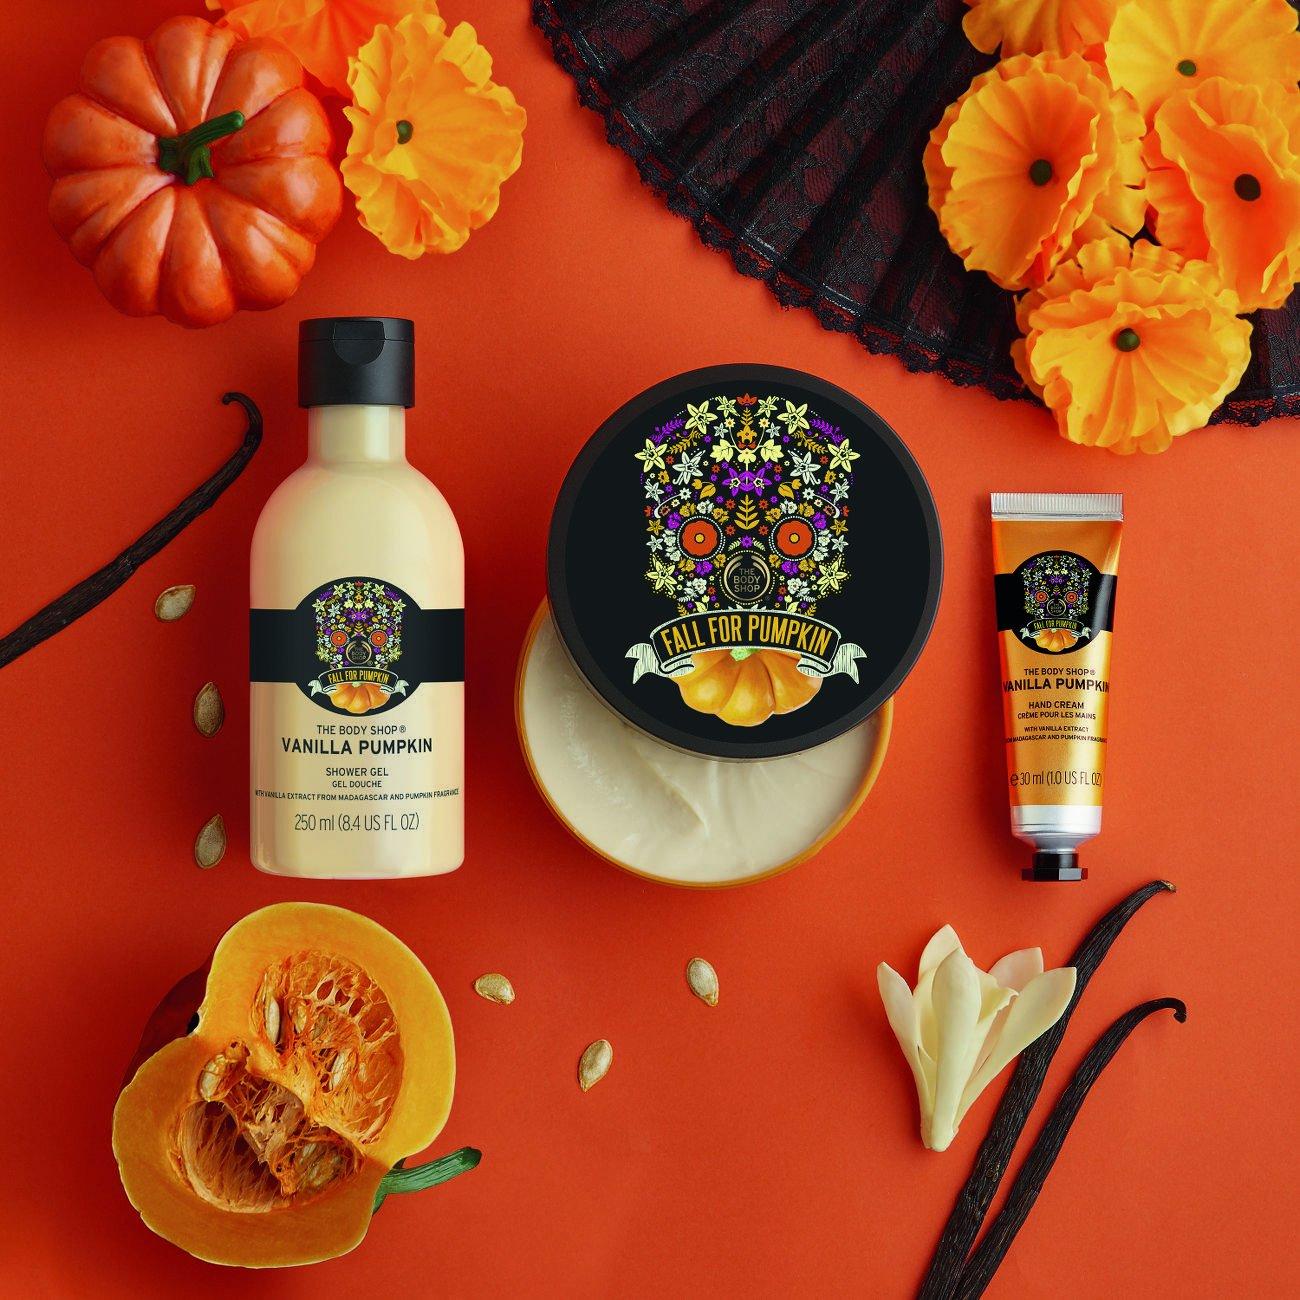 Jesienne odprężenie z kolekcją Vanilla Pumpkin od The Body Shop